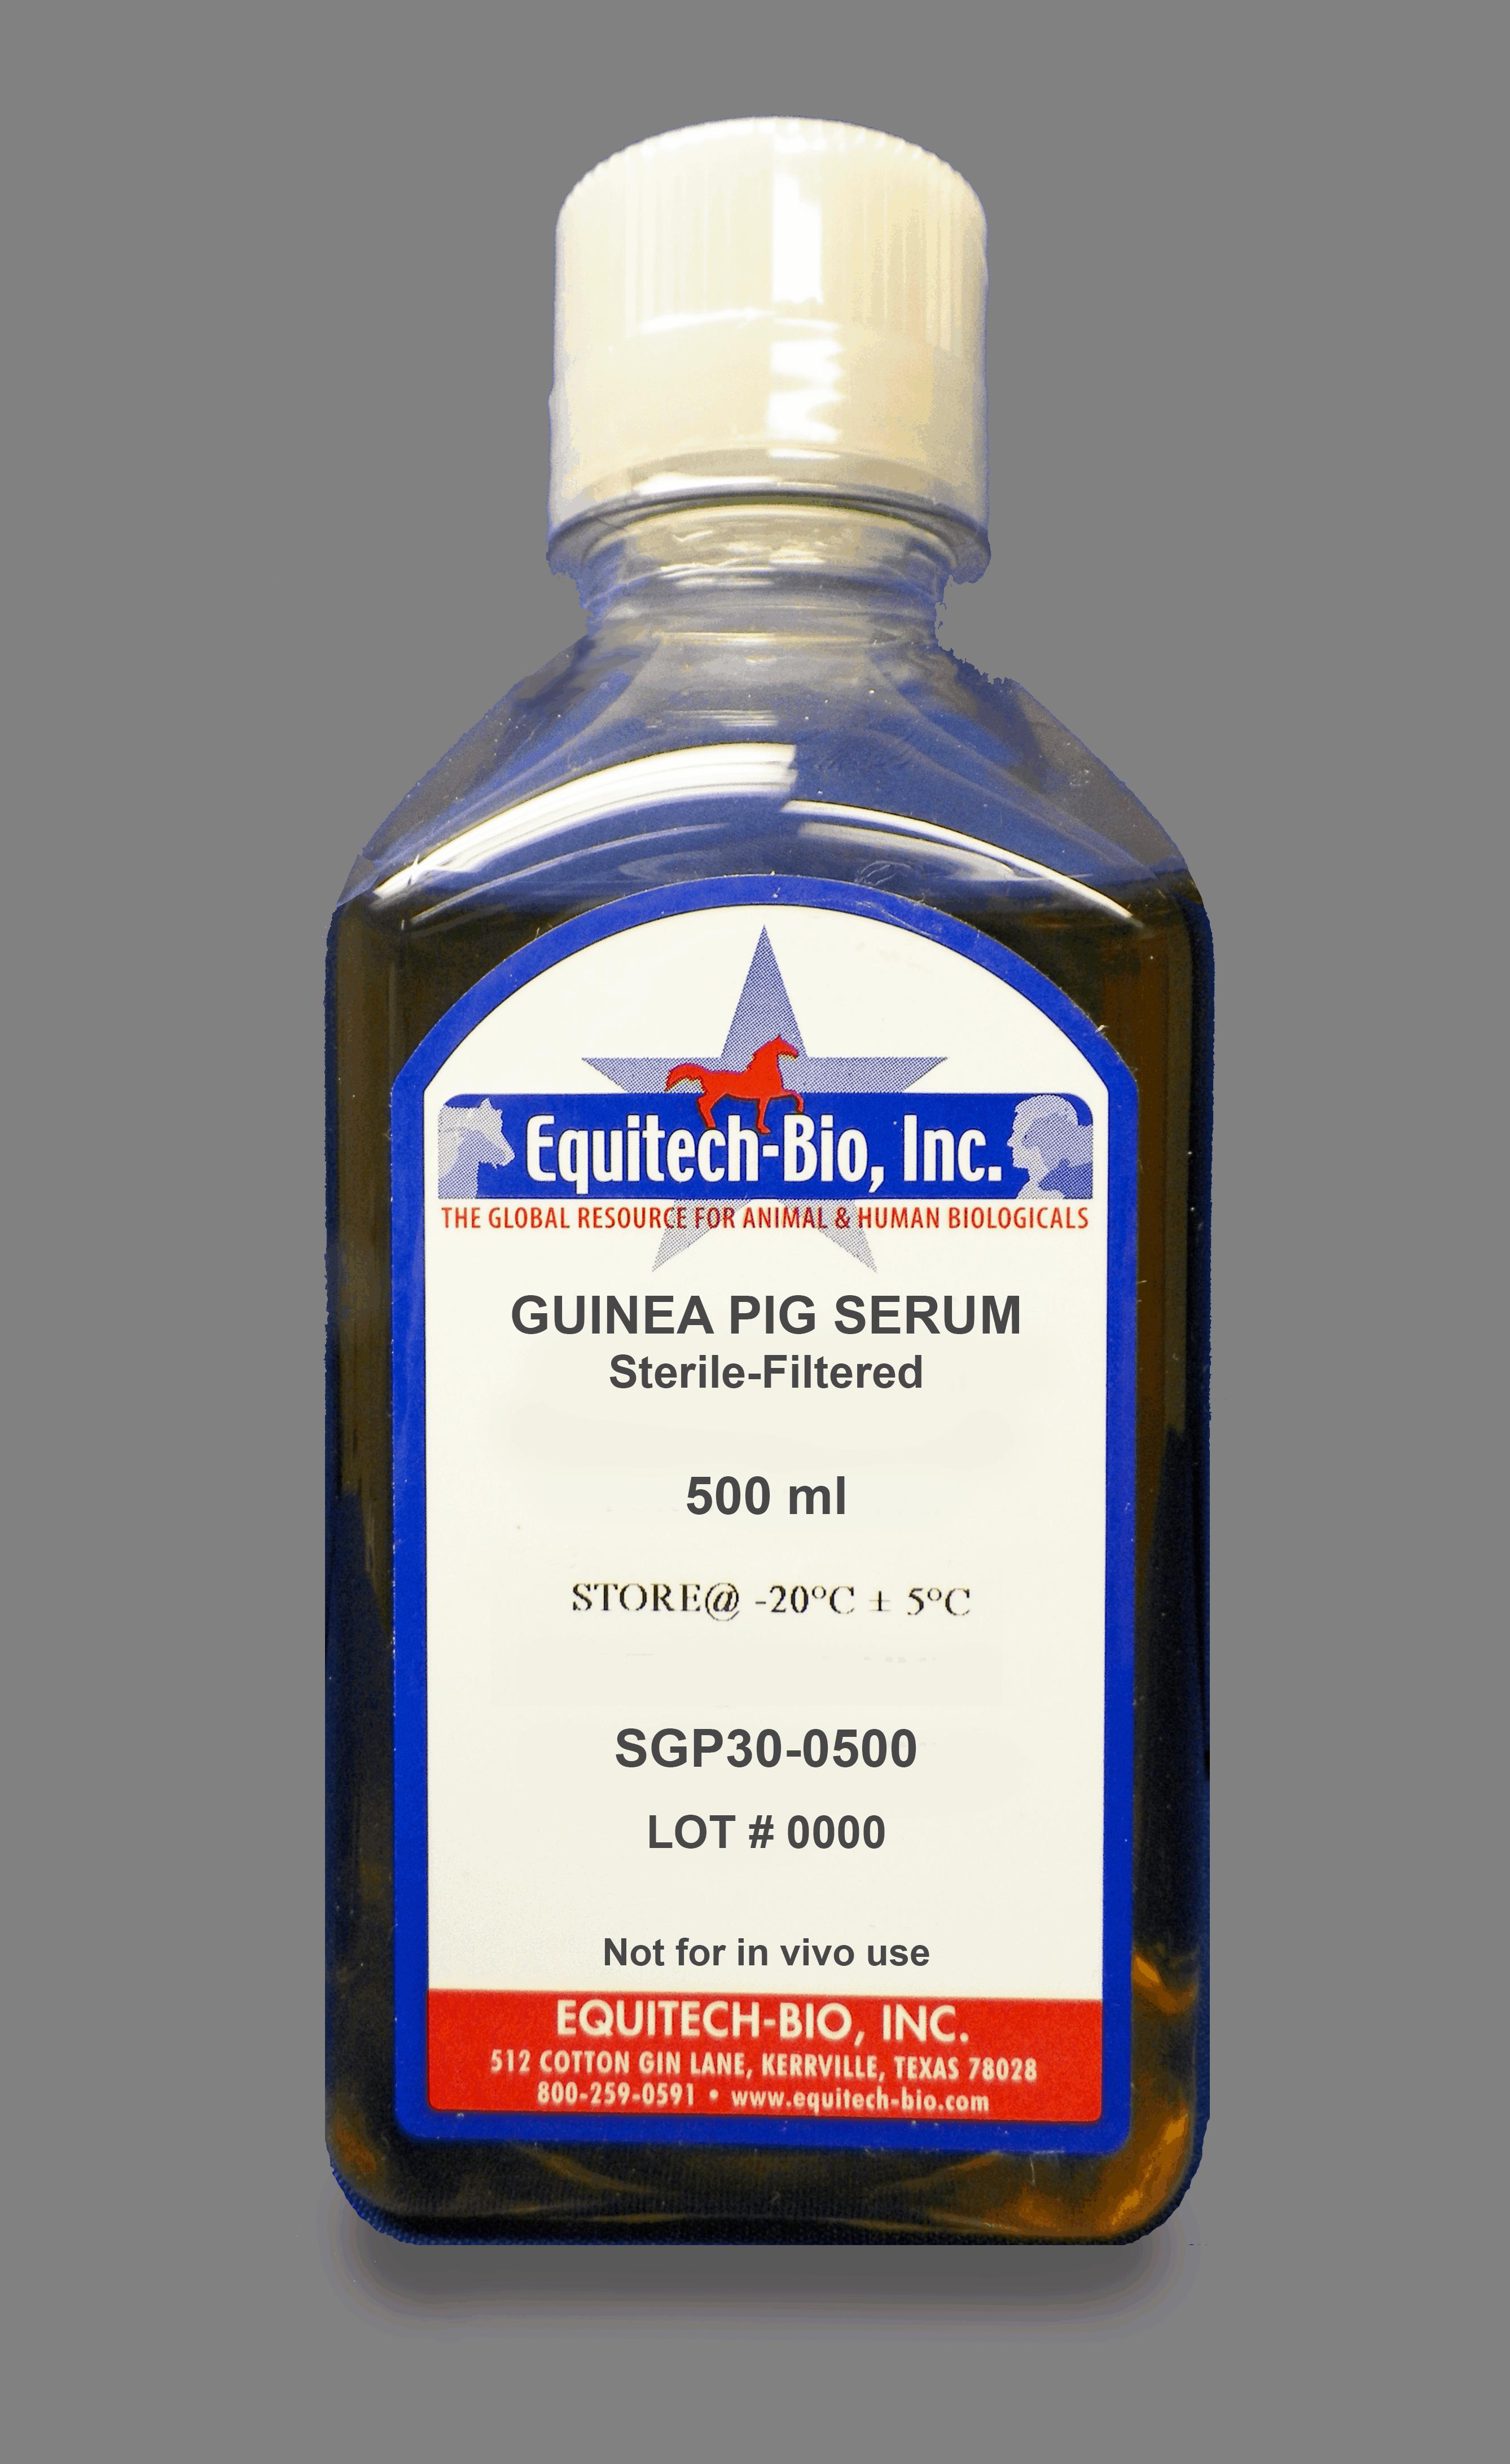 SGP30 -- Sterile Filtered Guinea Pig Serum